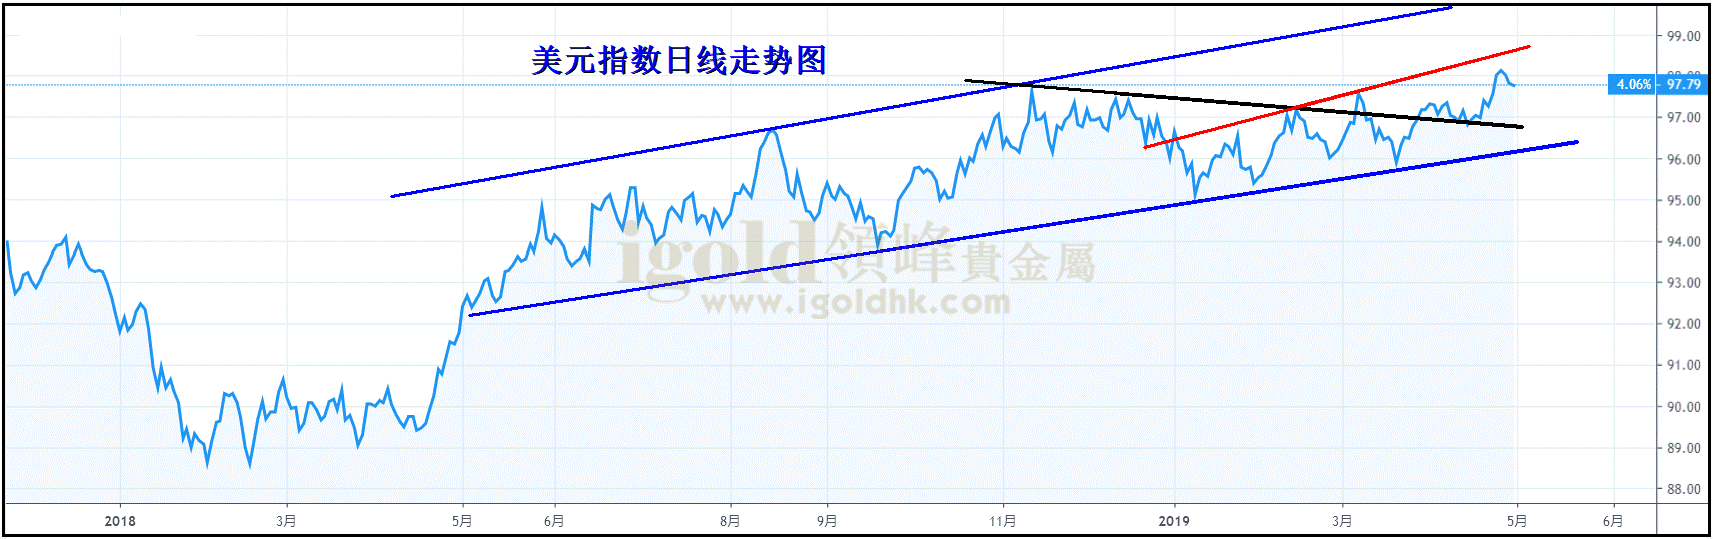 美元指数日线图